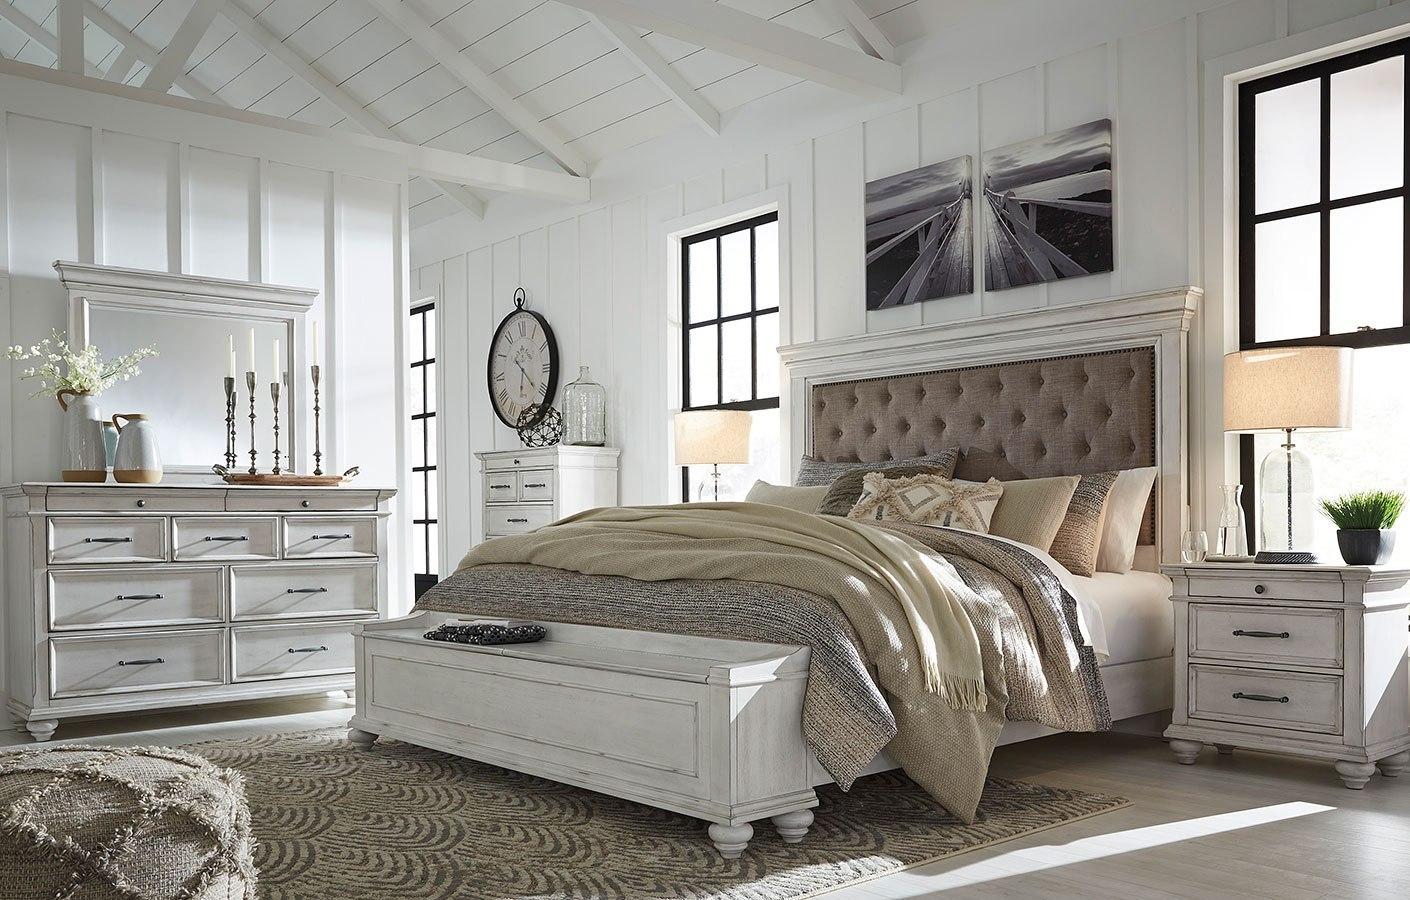 Kanwyn Upholstered Storage Bedroom Set Benchcraft Furniture Cart